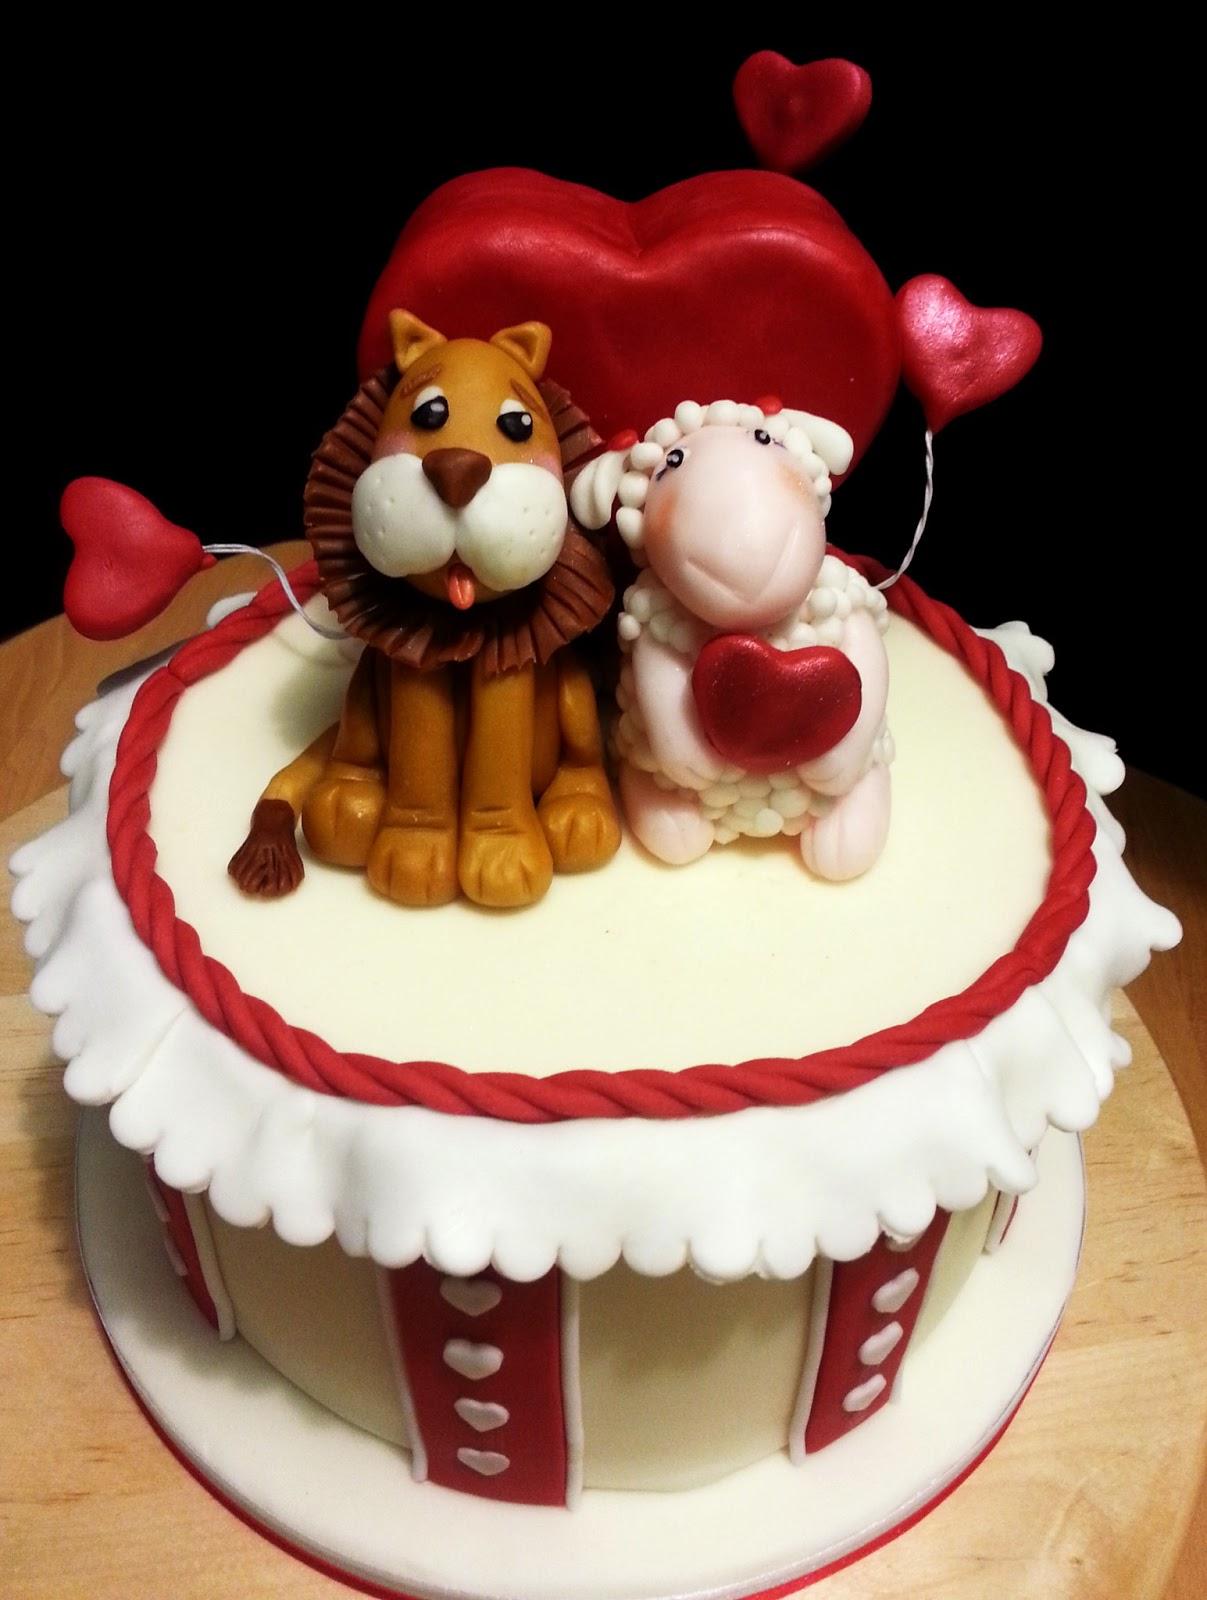 Paola alix in cakes un amore di torta san valentino - Decorazione san valentino ...